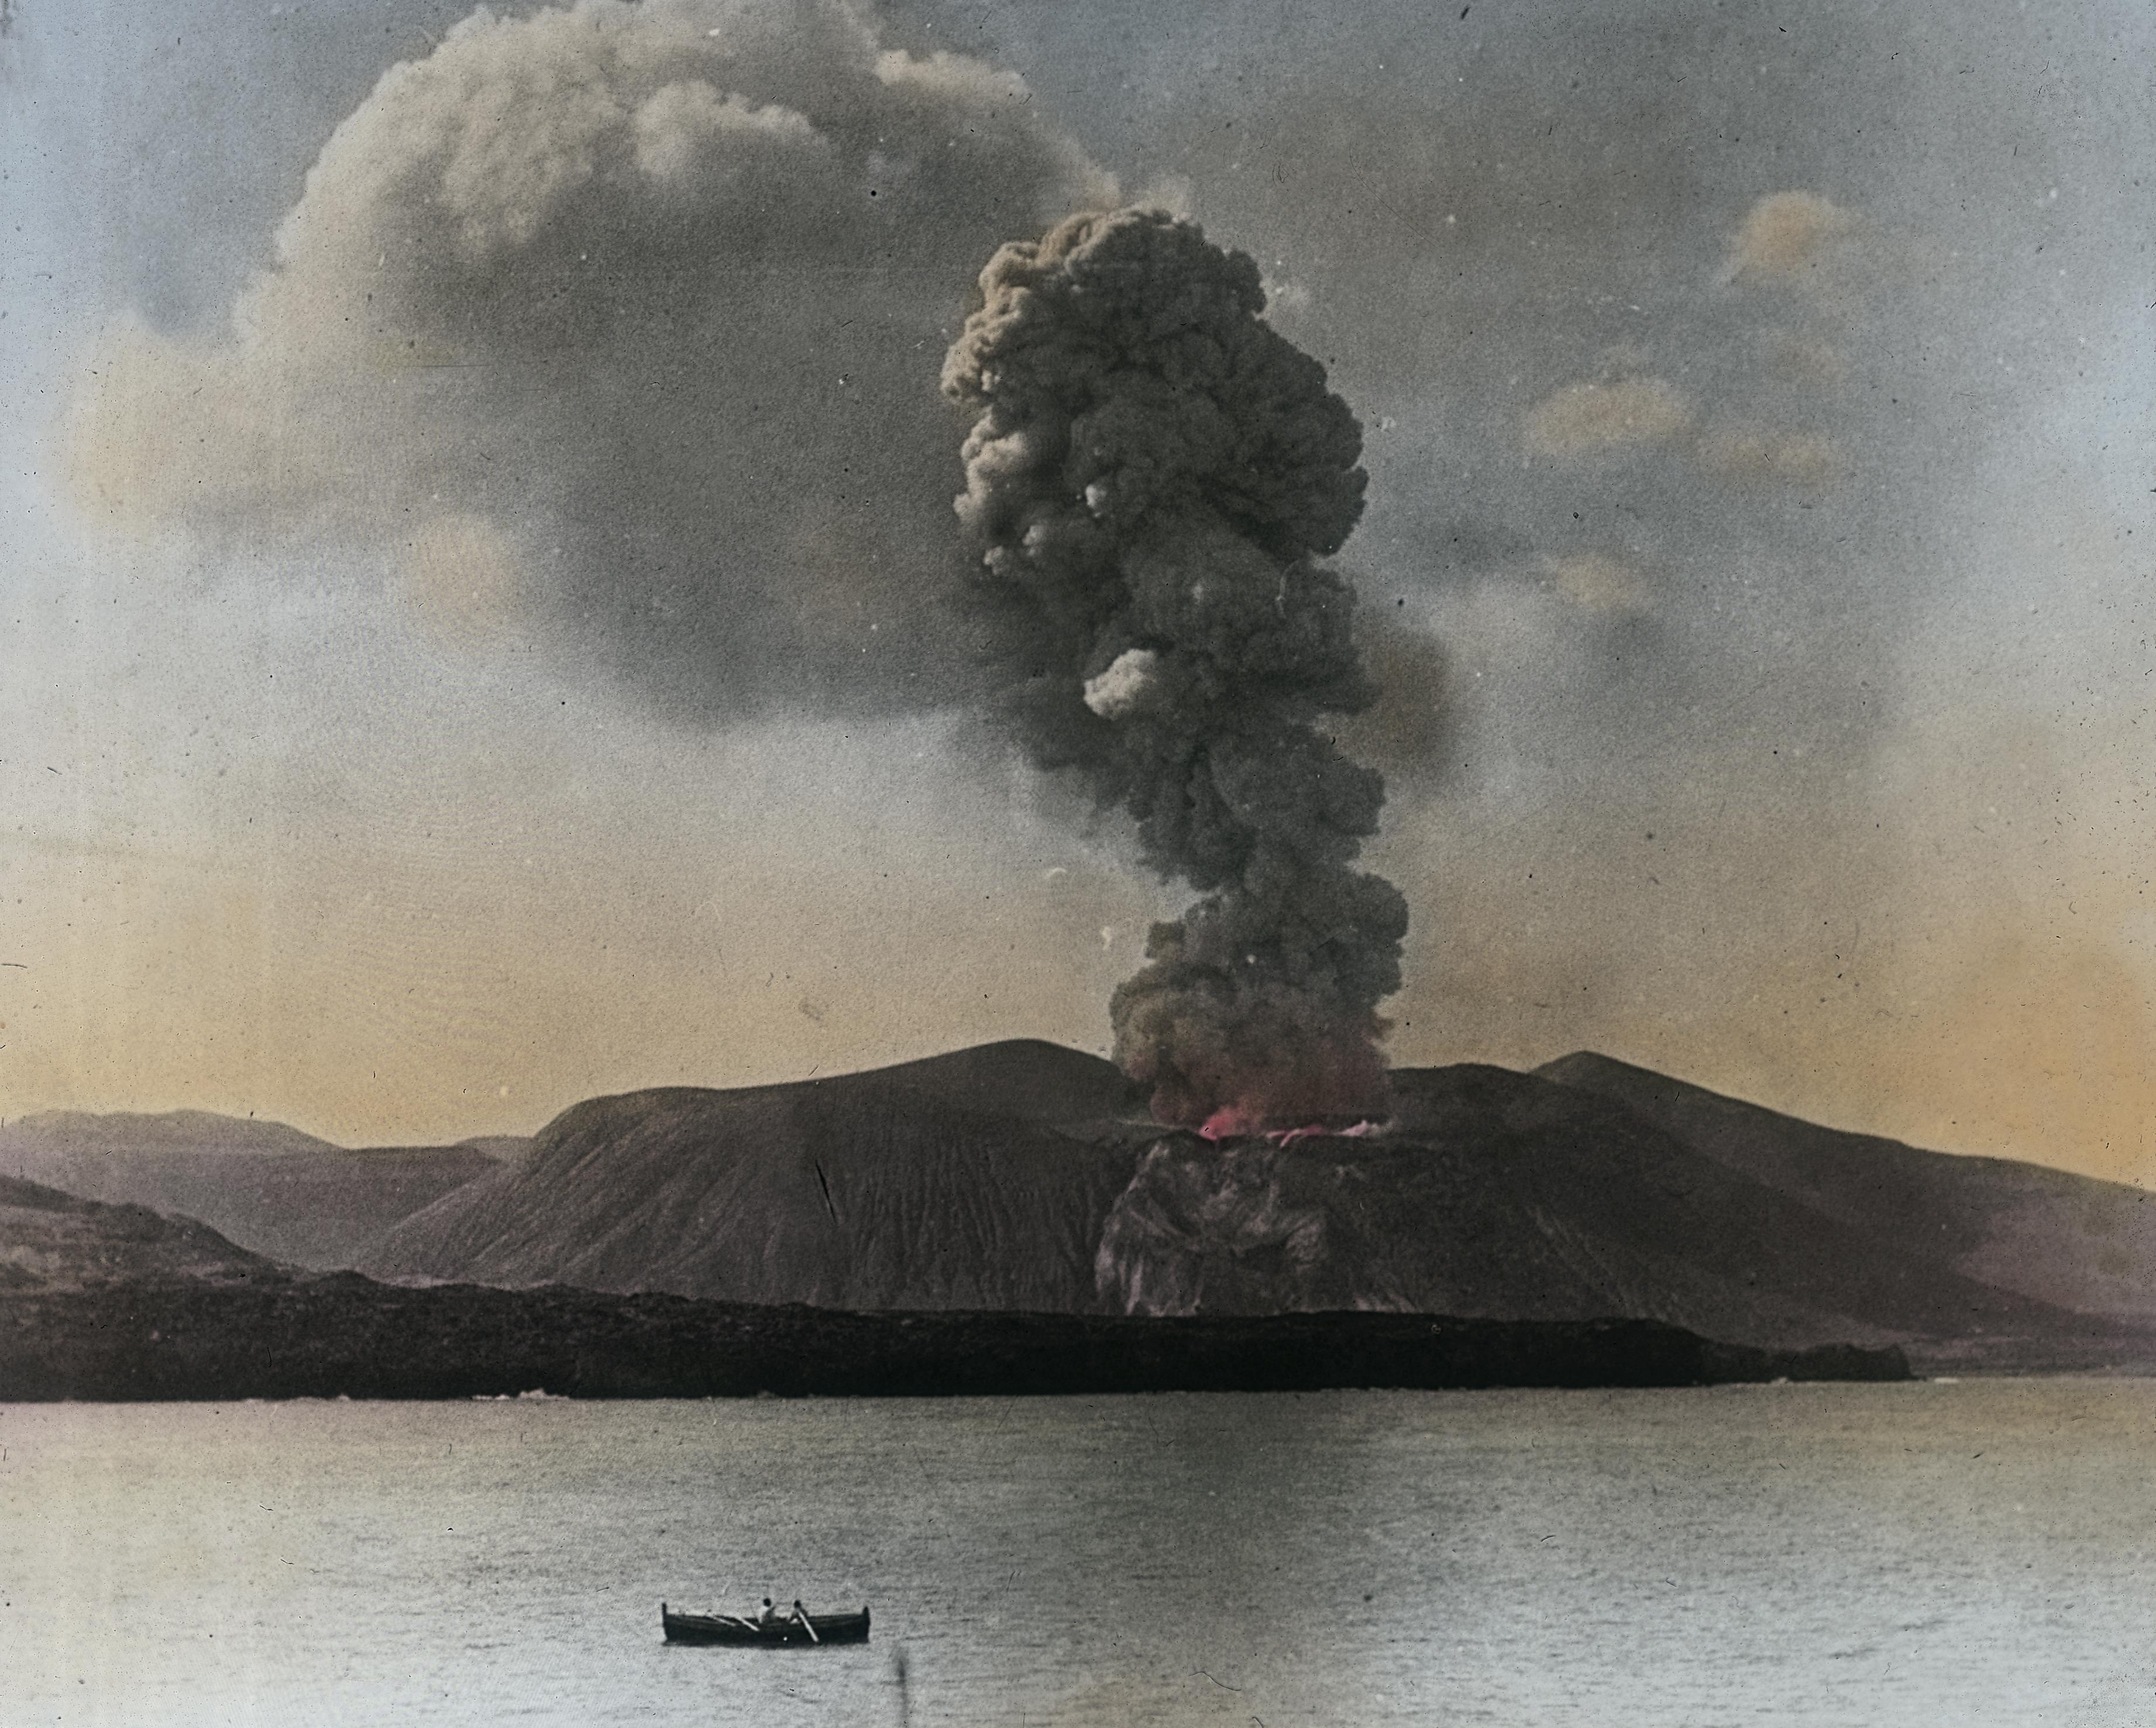 10 Giorgio Roster_Eruzione del Gran Cratere della Fossa_Isola di Vulcano_Lipari_ 20_04_1888_ Archivi Alinari_FirenzeJPG